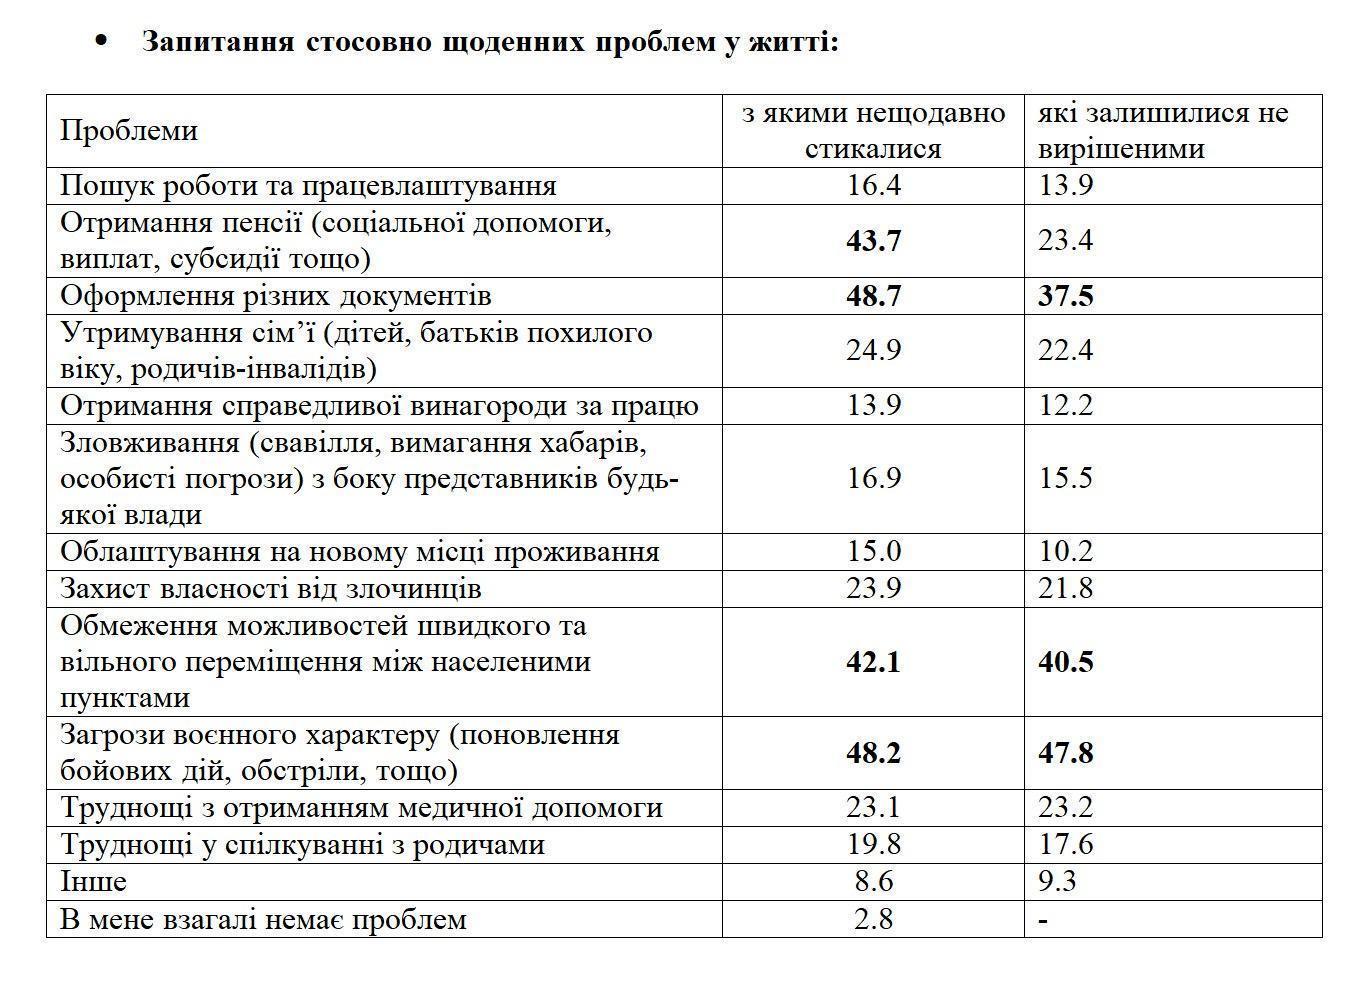 На КПВВ Донеччини та Луганщини люди не заовілні своїм життям